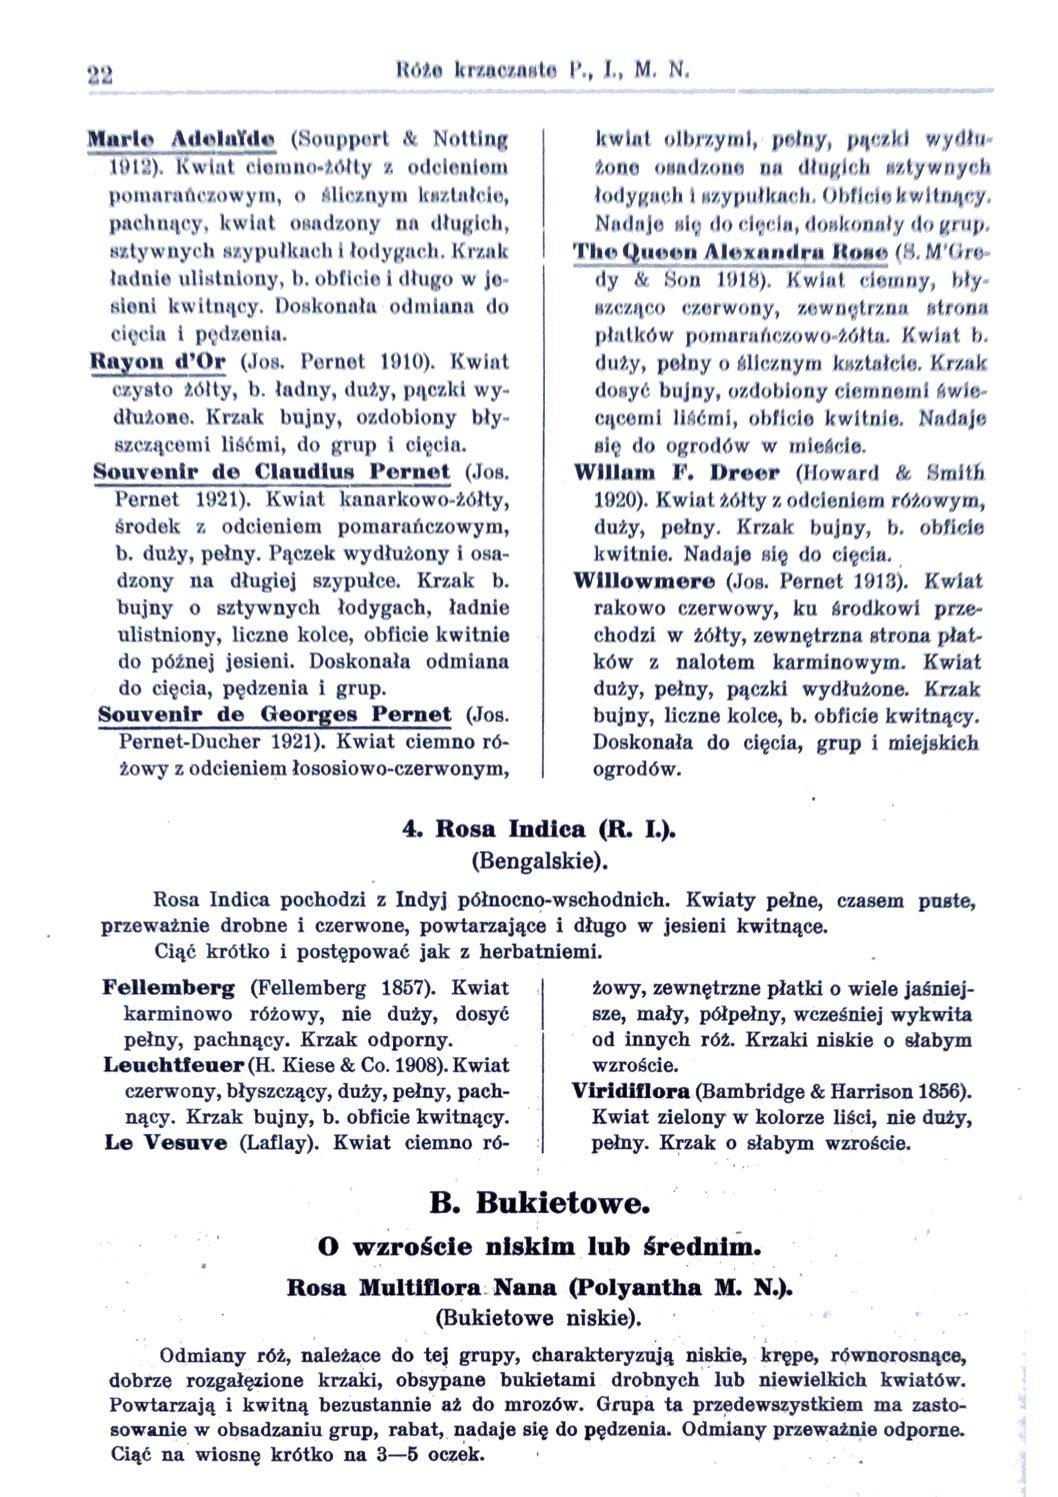 Cennik szkółek ogrodniczych Stanisława Dzieduszyckiego 22